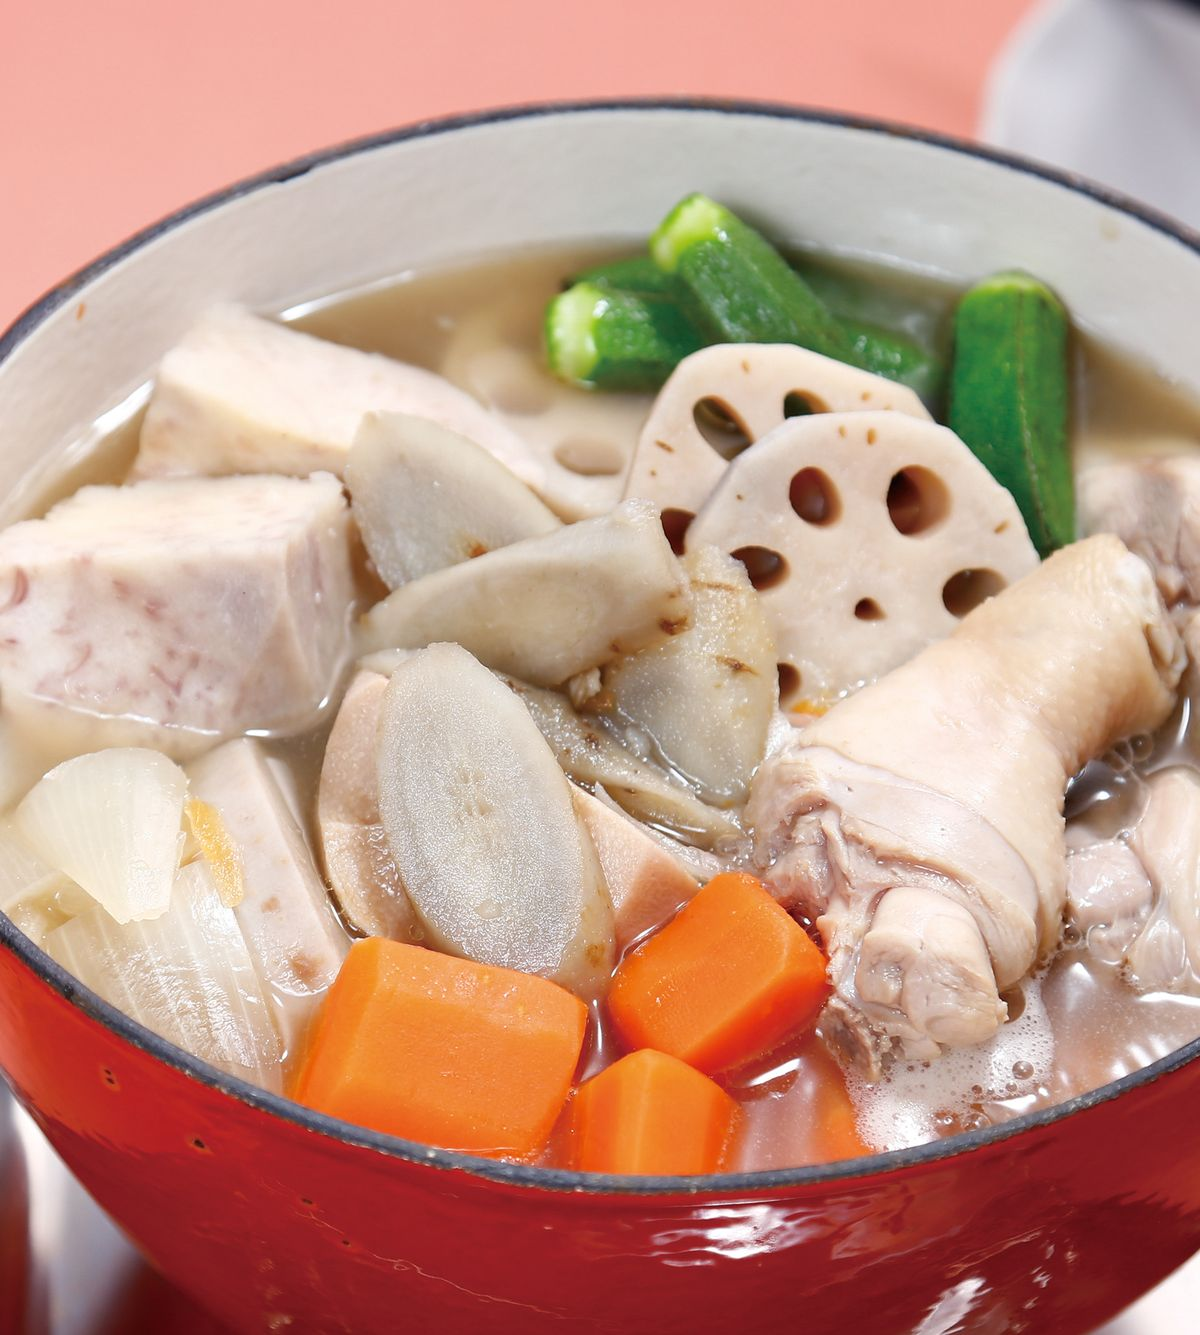 食譜:根莖蔬菜鍋